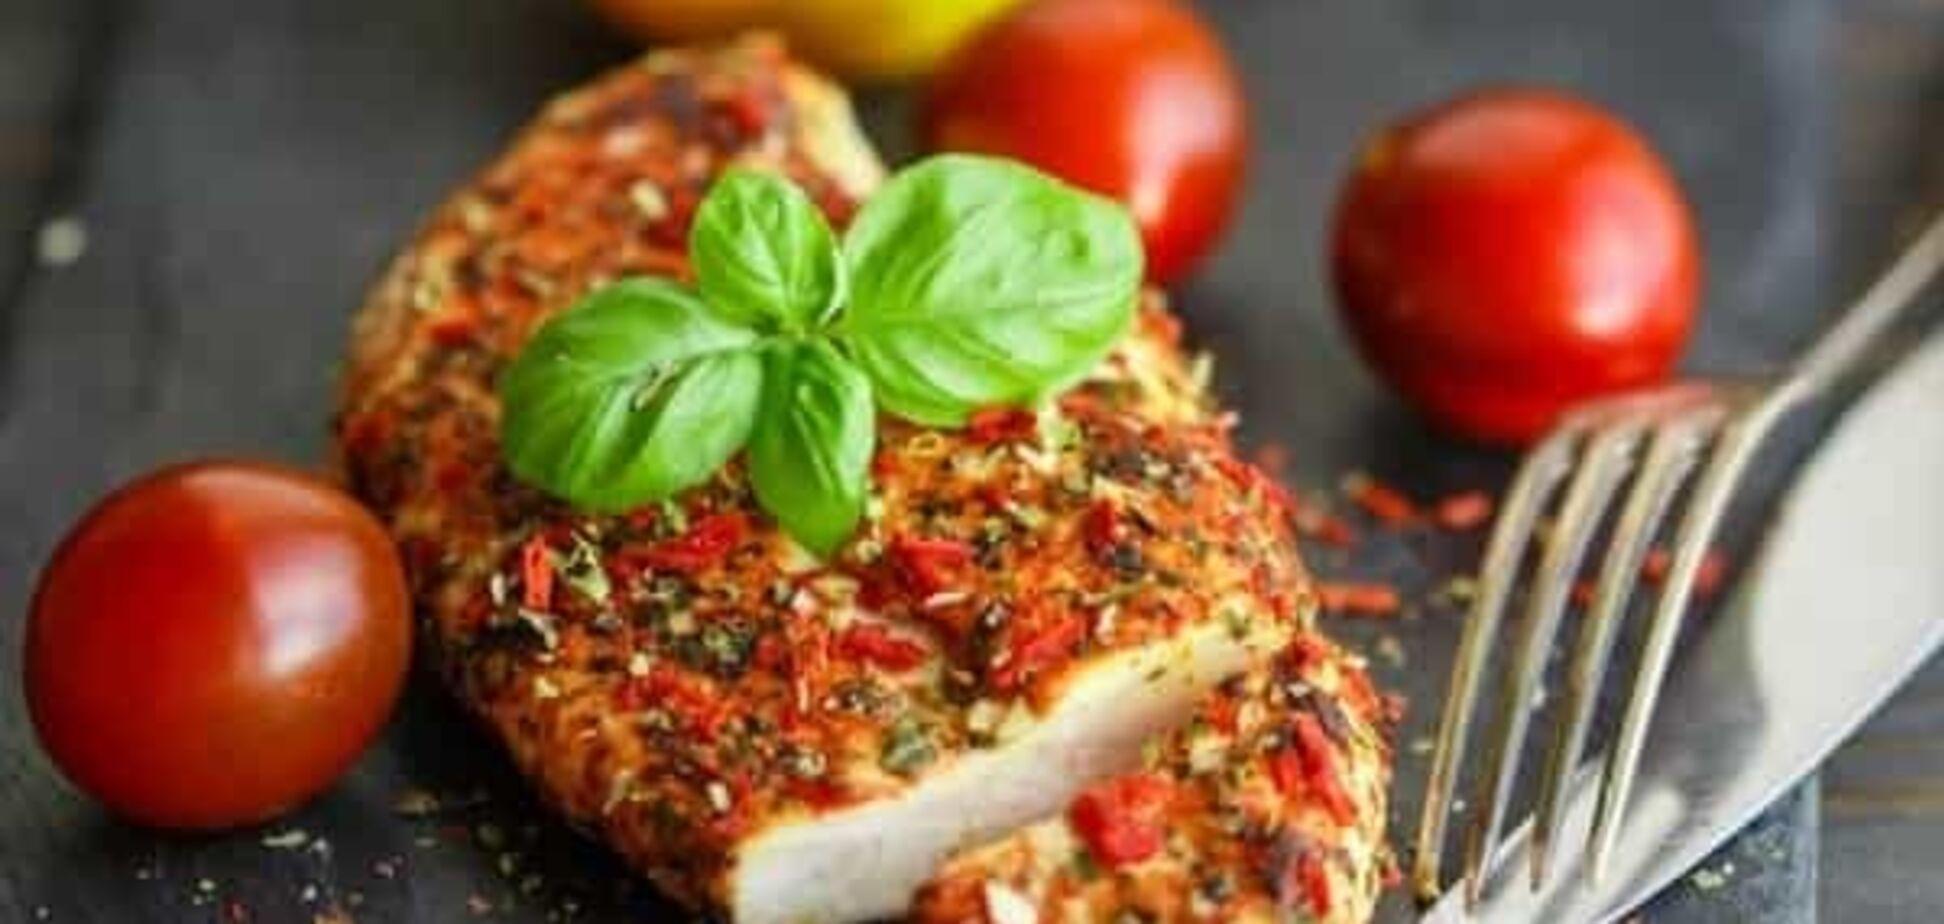 Шкодять здоров'ю: названі продукти, які не можна їсти на вечерю